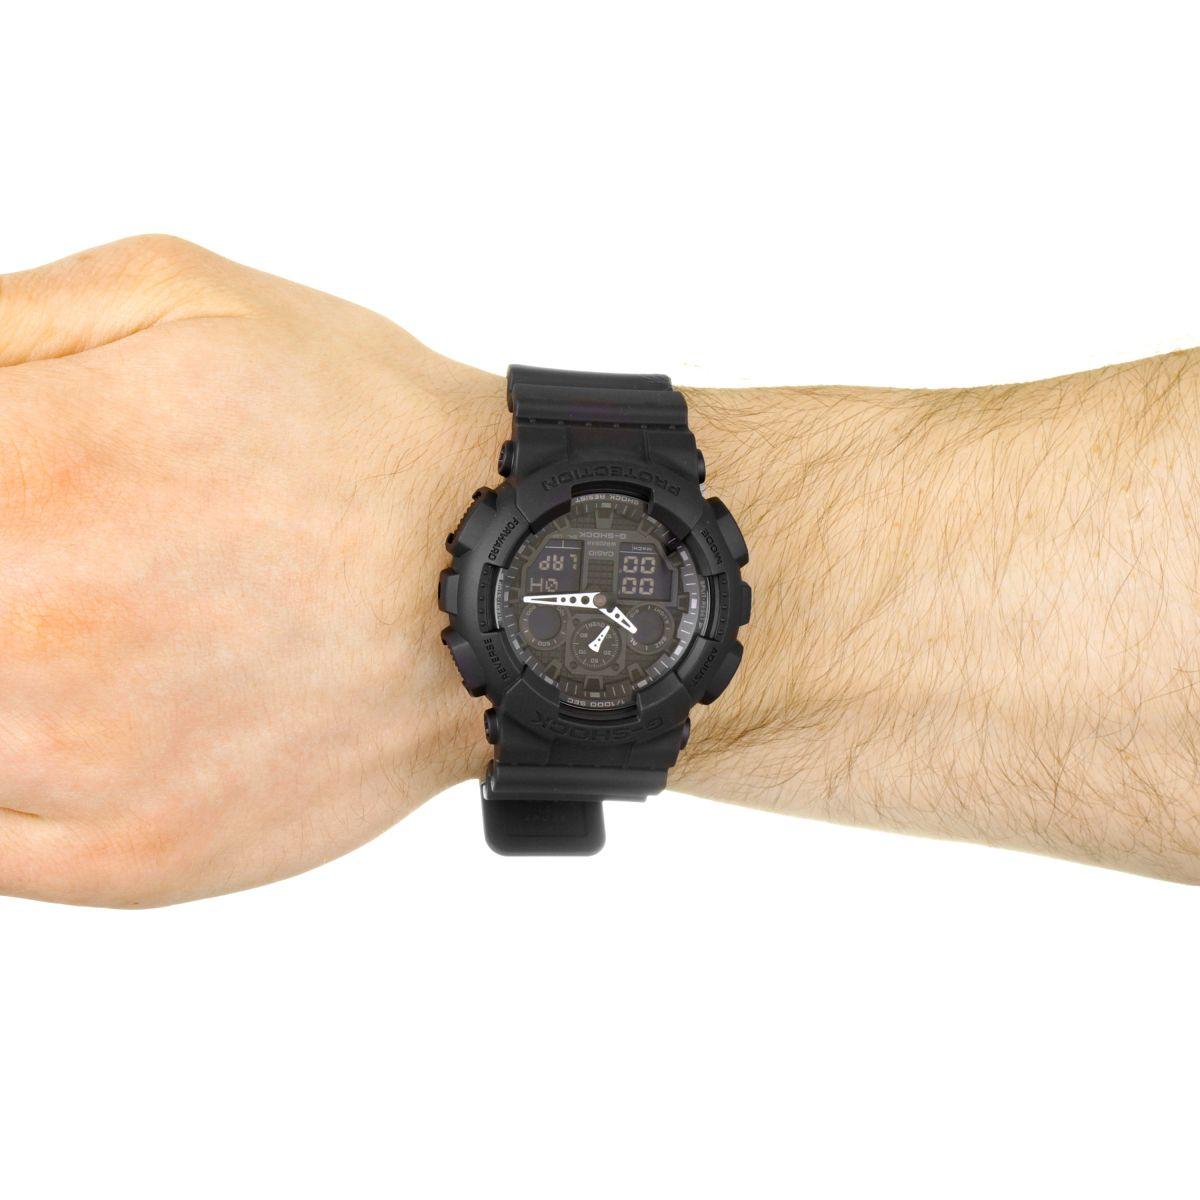 hommes casio g shock alarme chronographe montre ga 100 1a1er. Black Bedroom Furniture Sets. Home Design Ideas